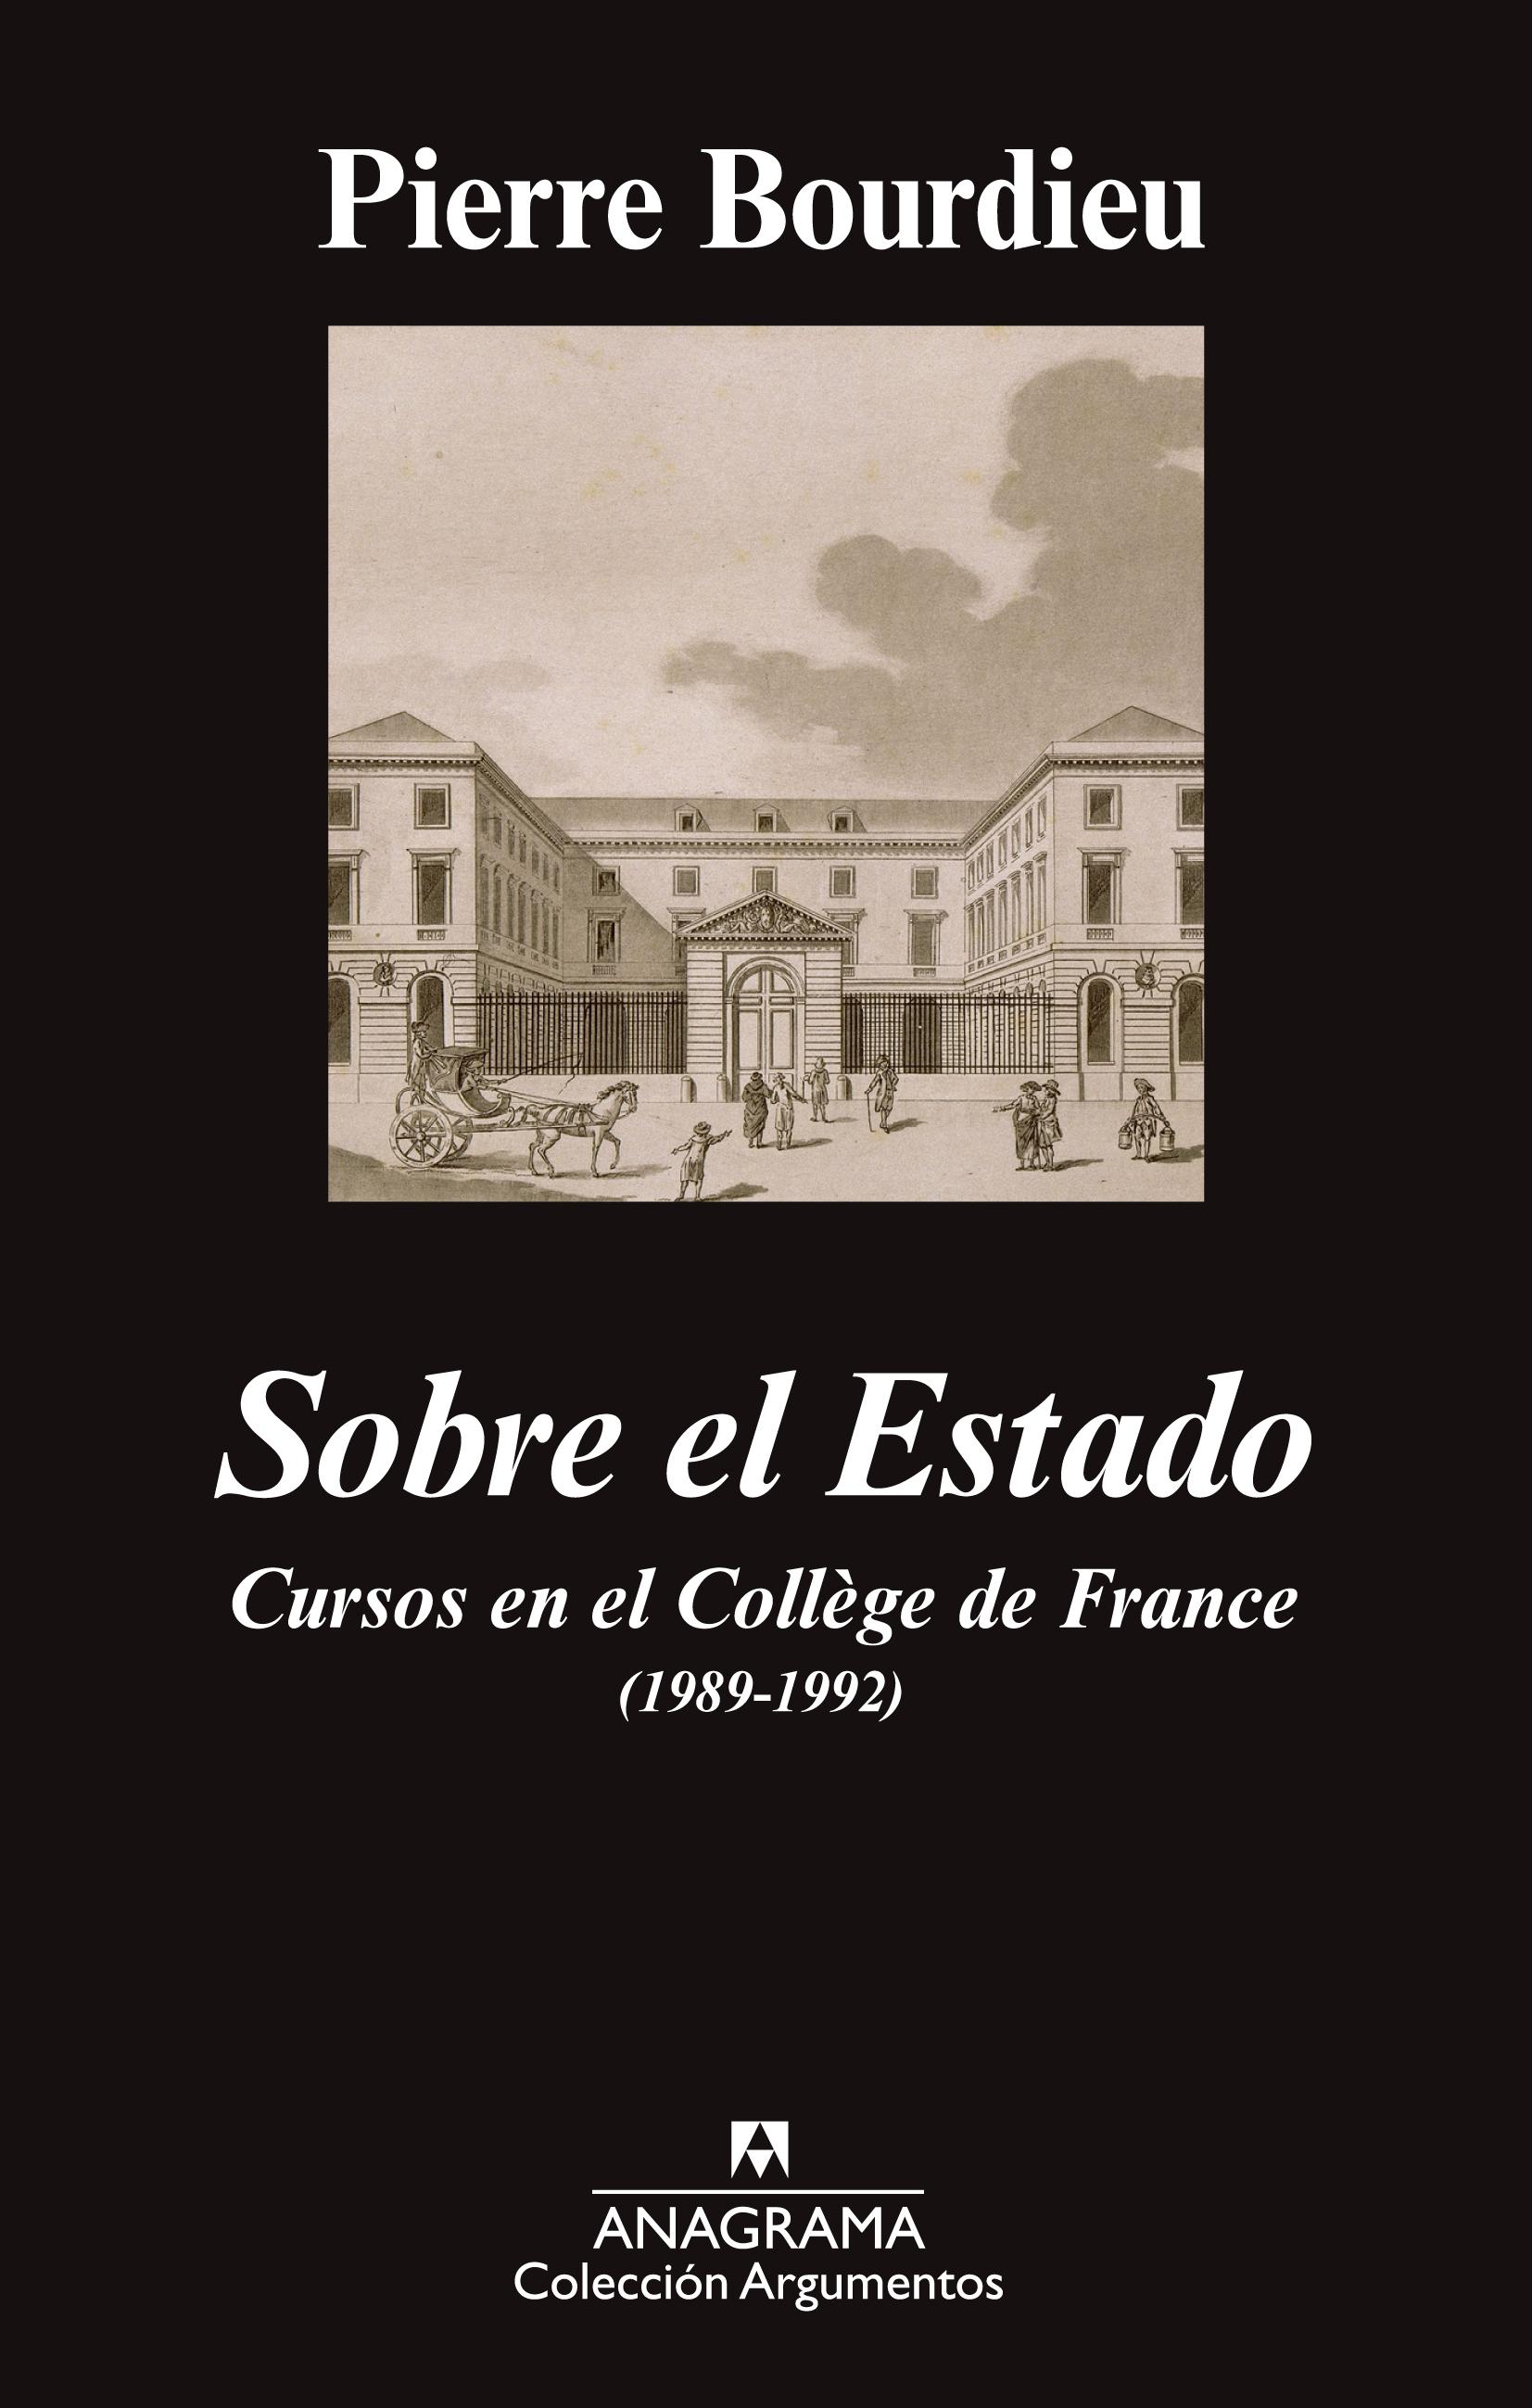 Sobre el Estado de Pierre Bourdieu